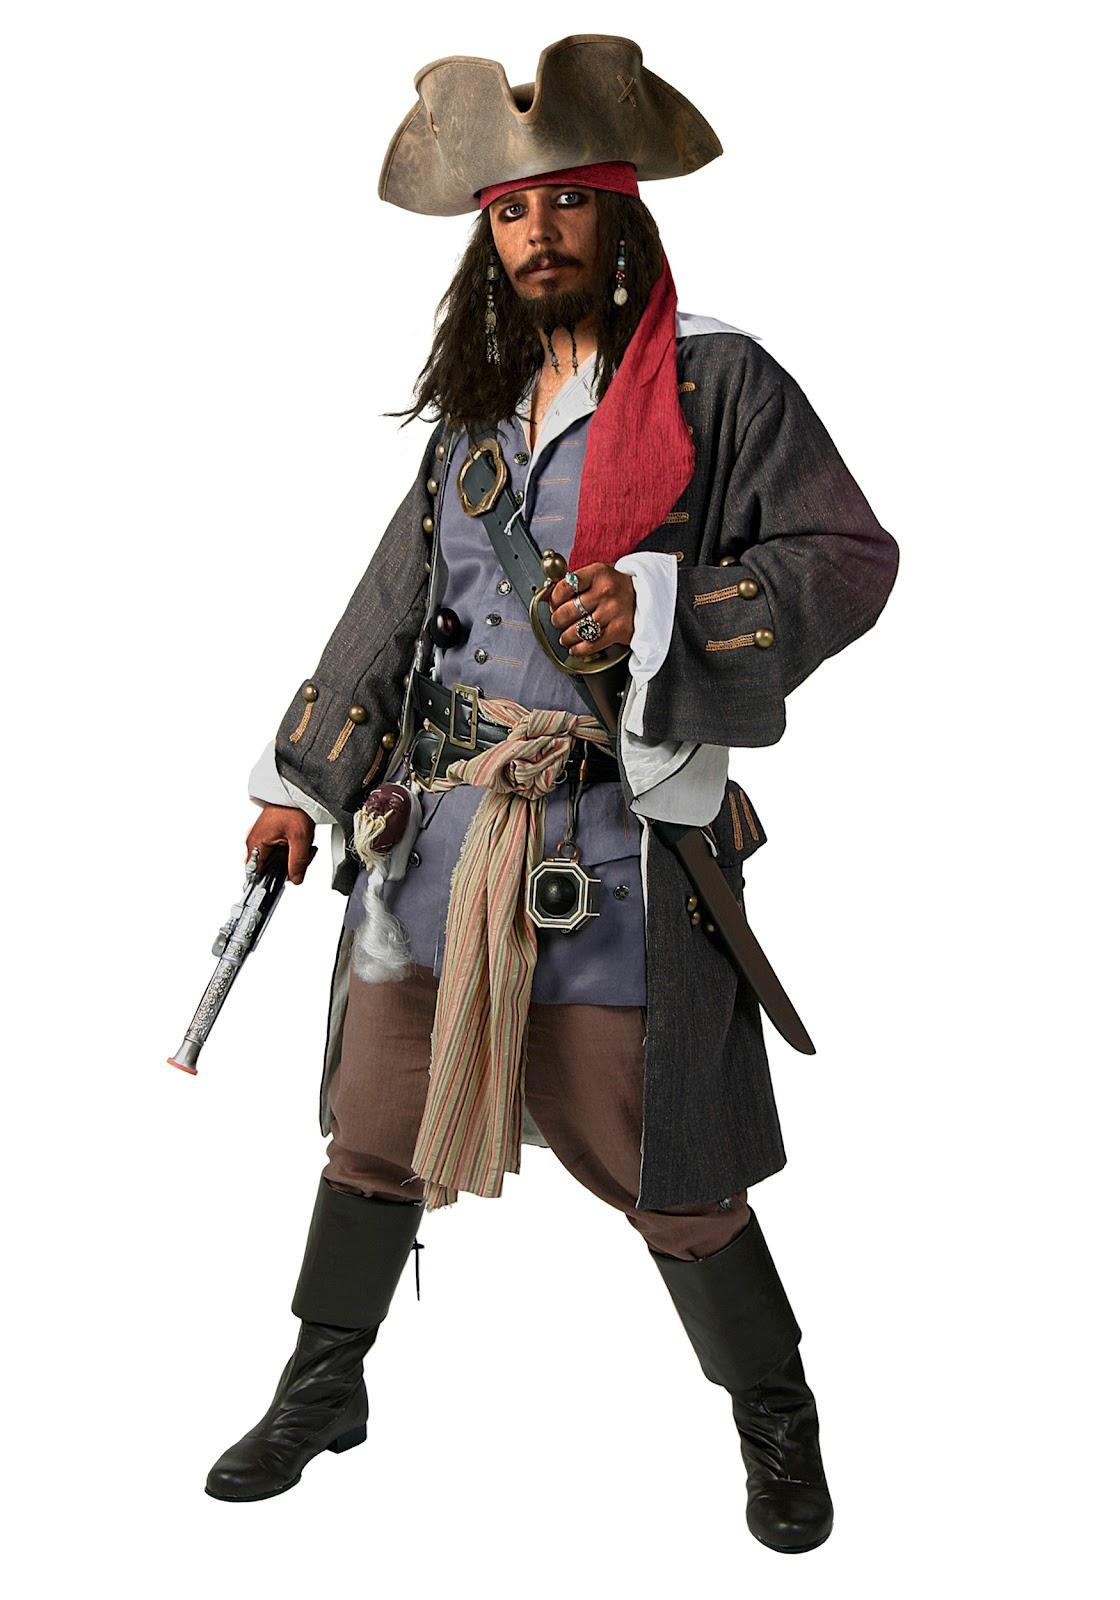 http://2.bp.blogspot.com/-G5m_WK7z3-A/UDrAfs5VmpI/AAAAAAAACDc/umokKUDjREc/s1600/caribbean-pirate-costume-pg.jpg